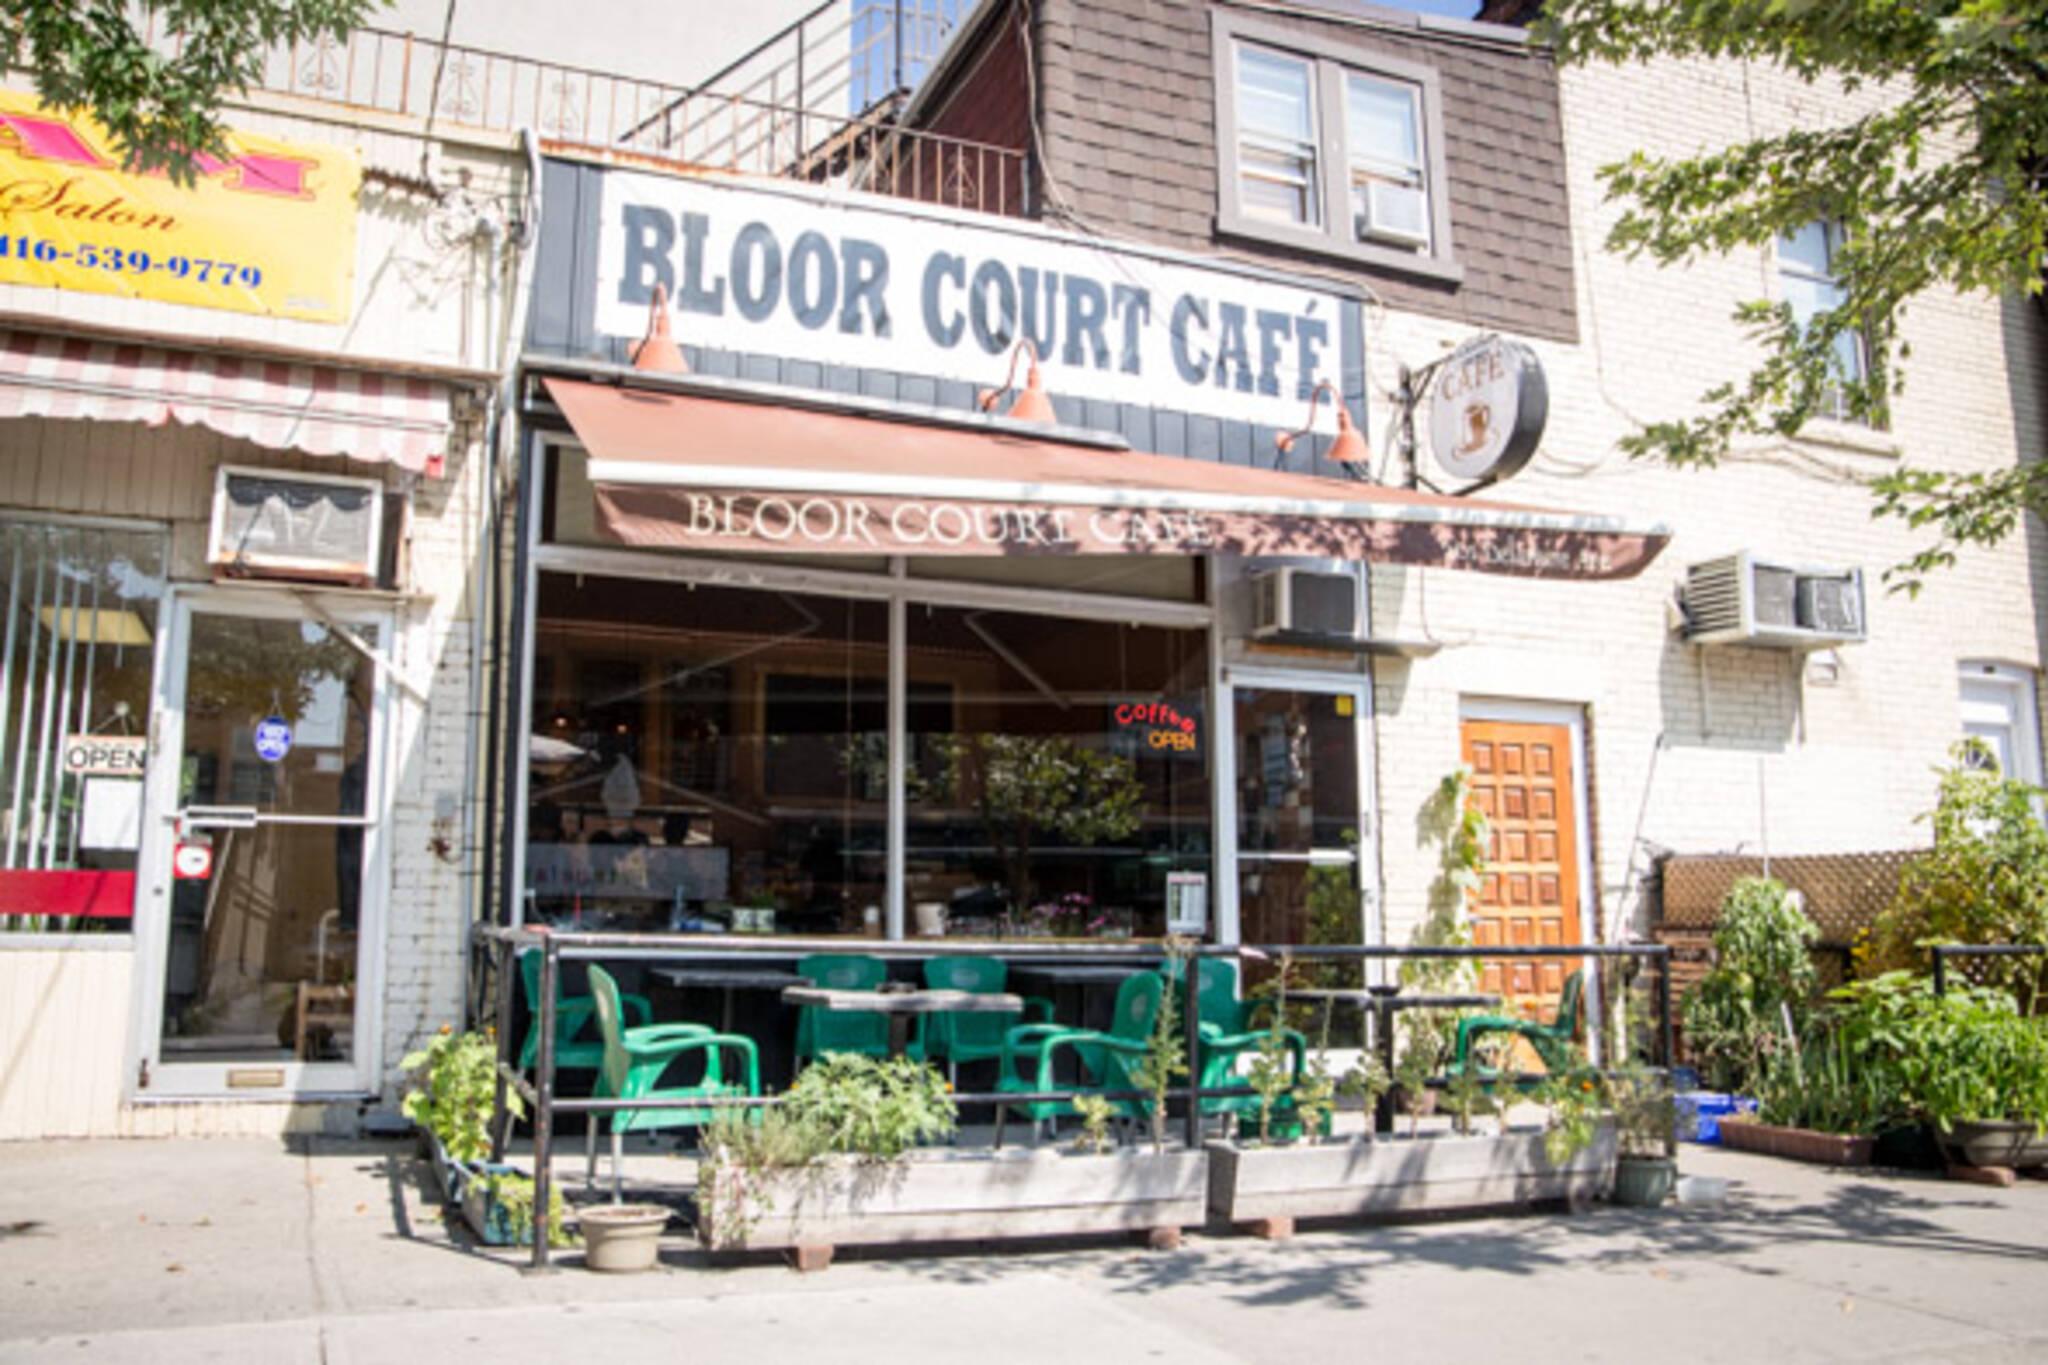 bloor court cafe toronto